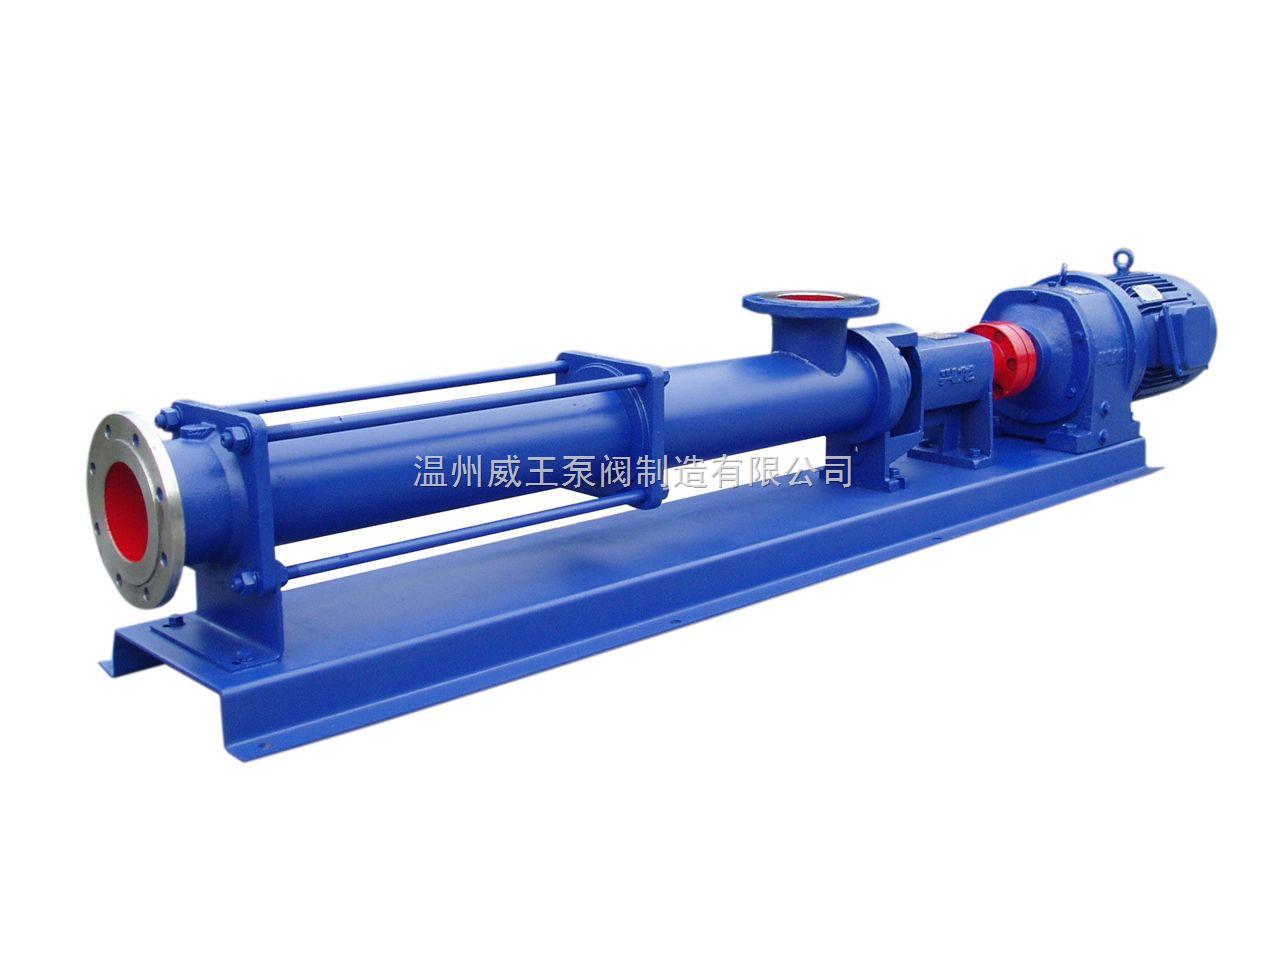 G型单螺杆泵,安全食品级螺杆泵,高扬程螺杆泵